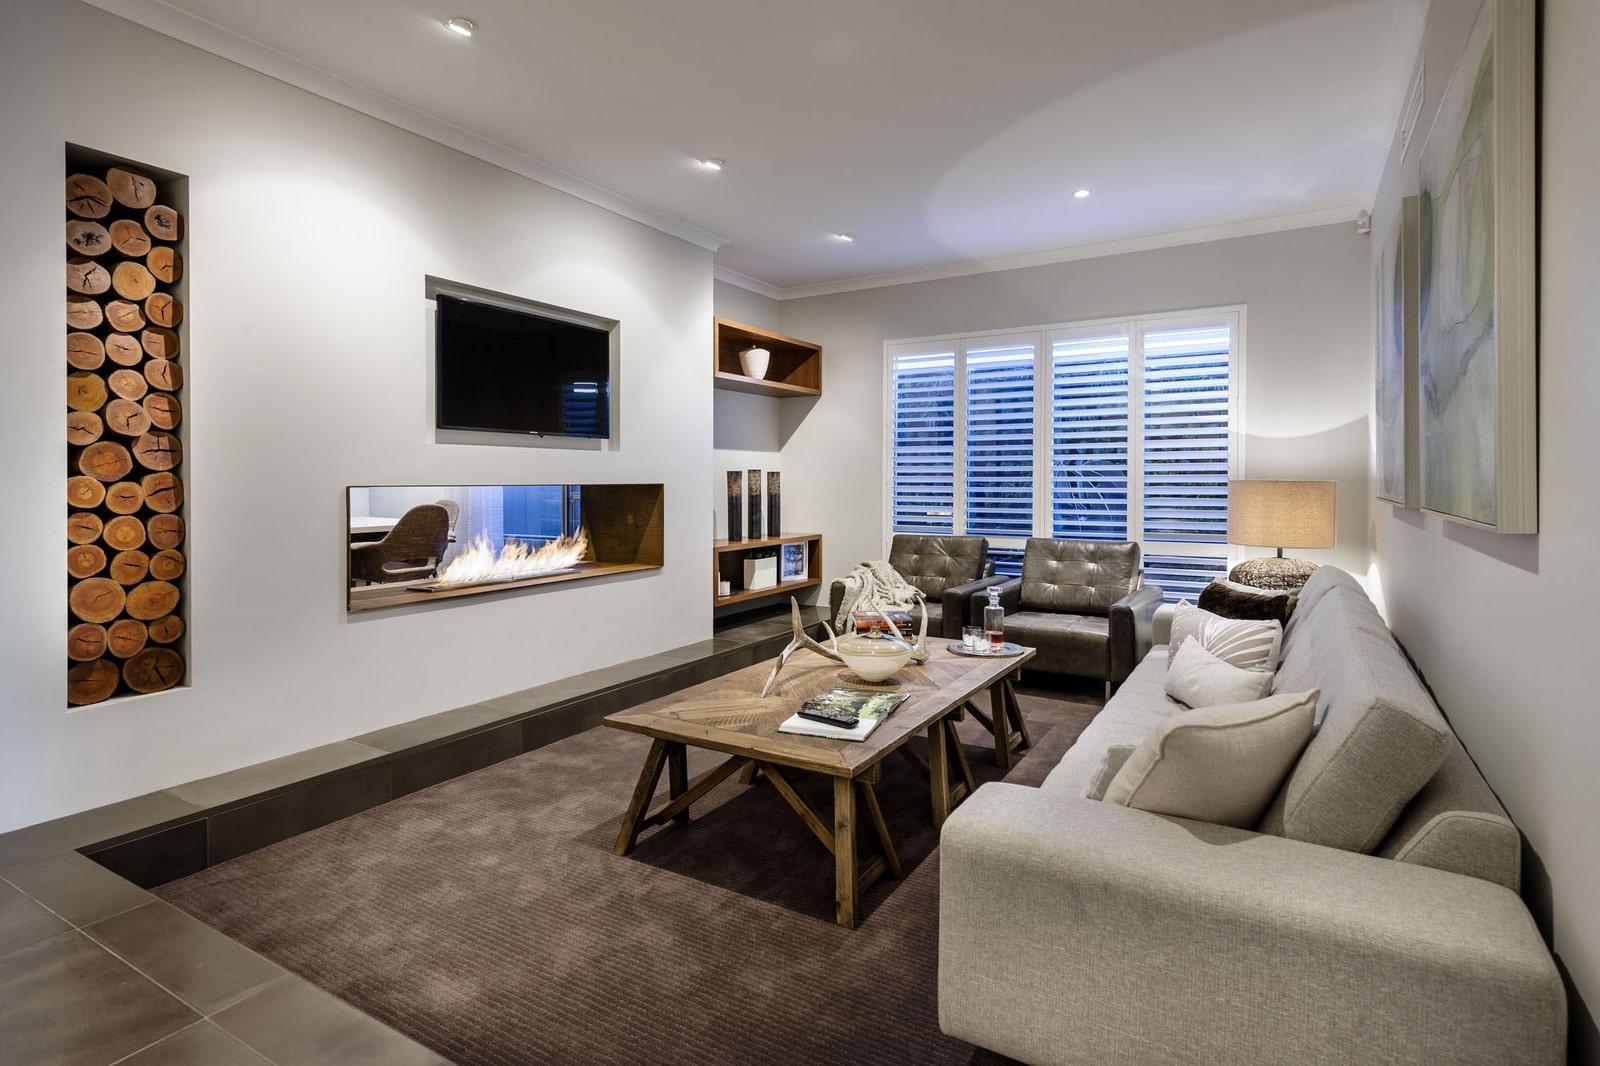 Dise o de casa moderna de dos pisos fachada e interiores for Sala de estar homescapes